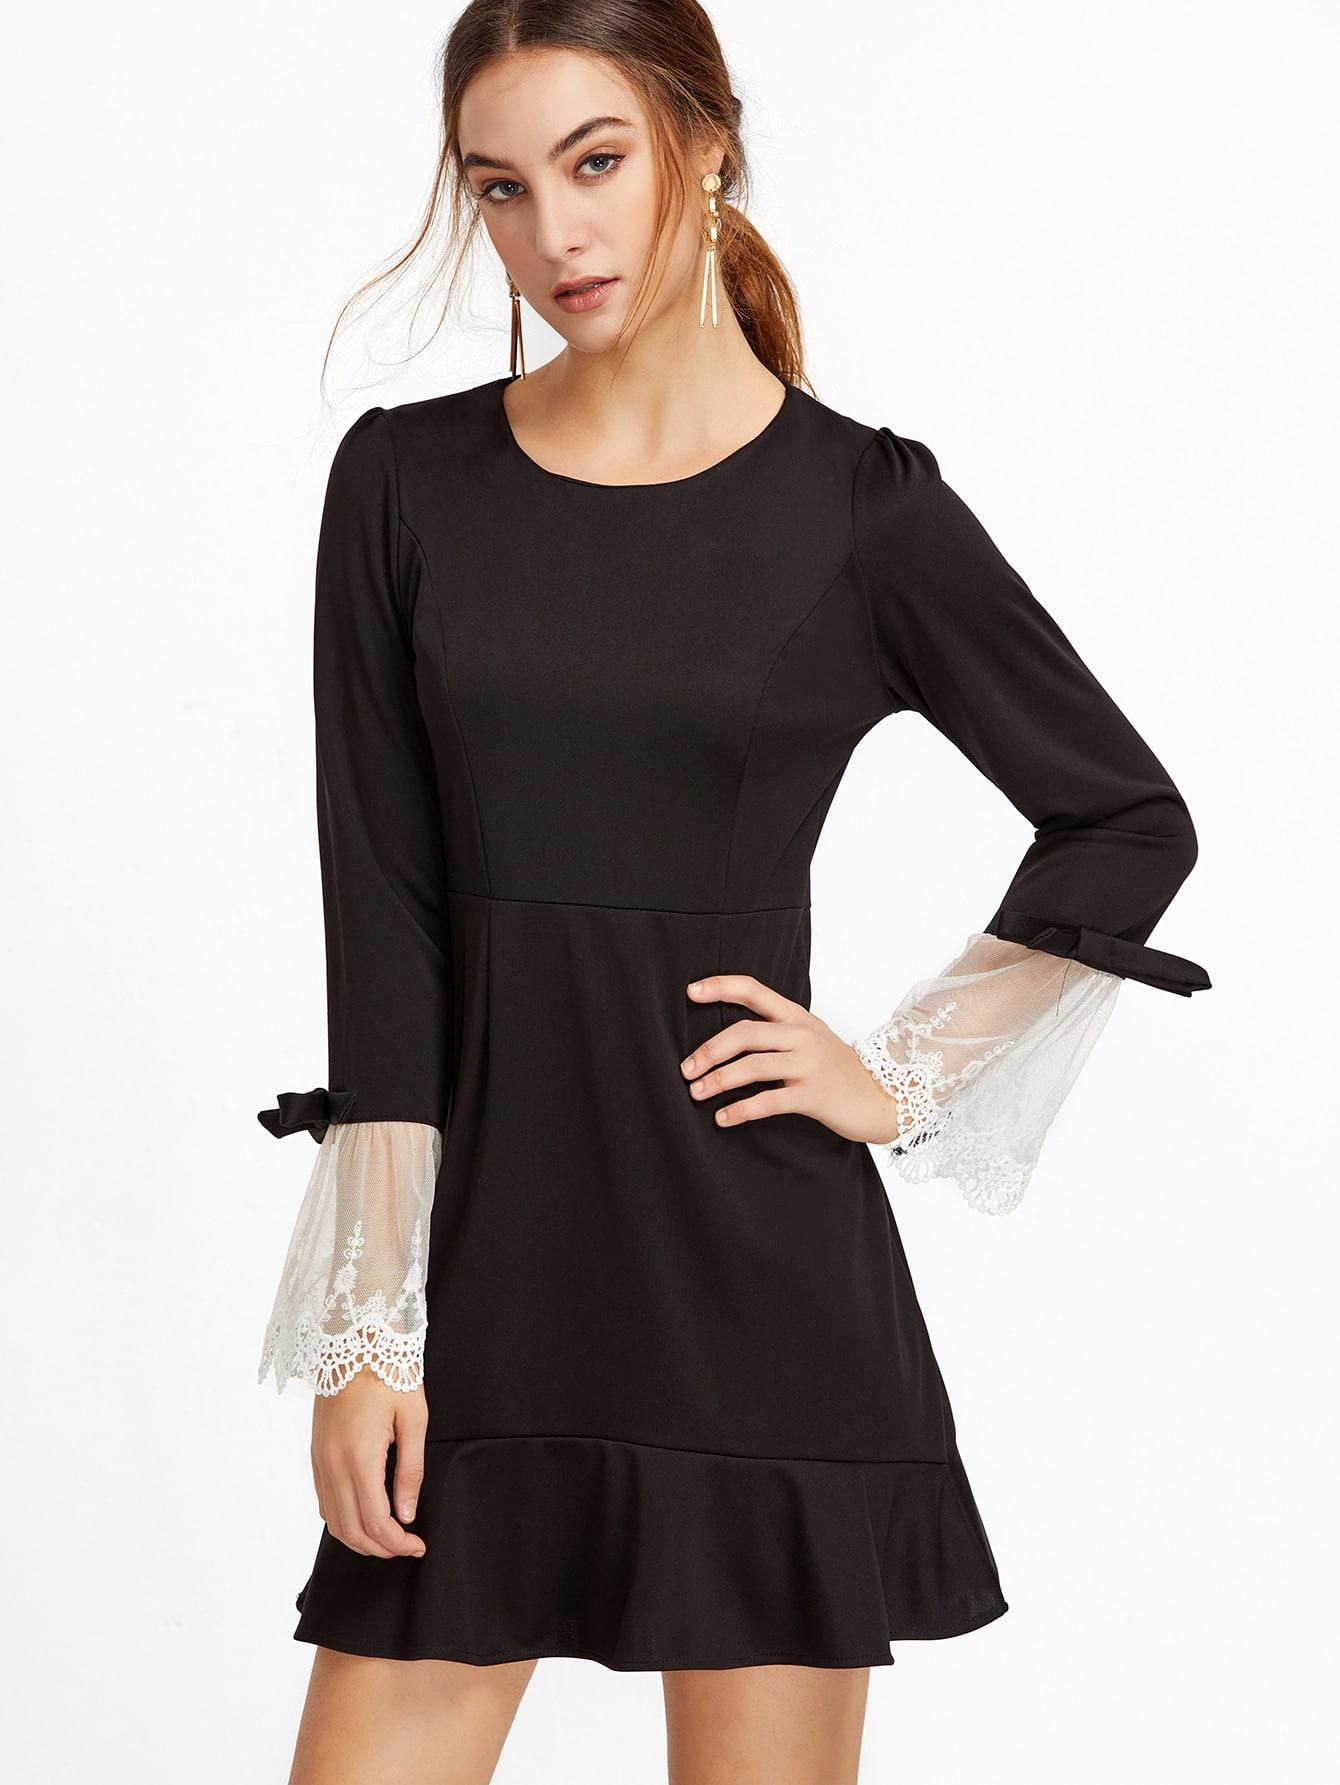 Black Contrast Lace Cuff A-Line DressBlack Contrast Lace Cuff A-Line Dress<br><br>color: Black<br>size: L,M,S,XL